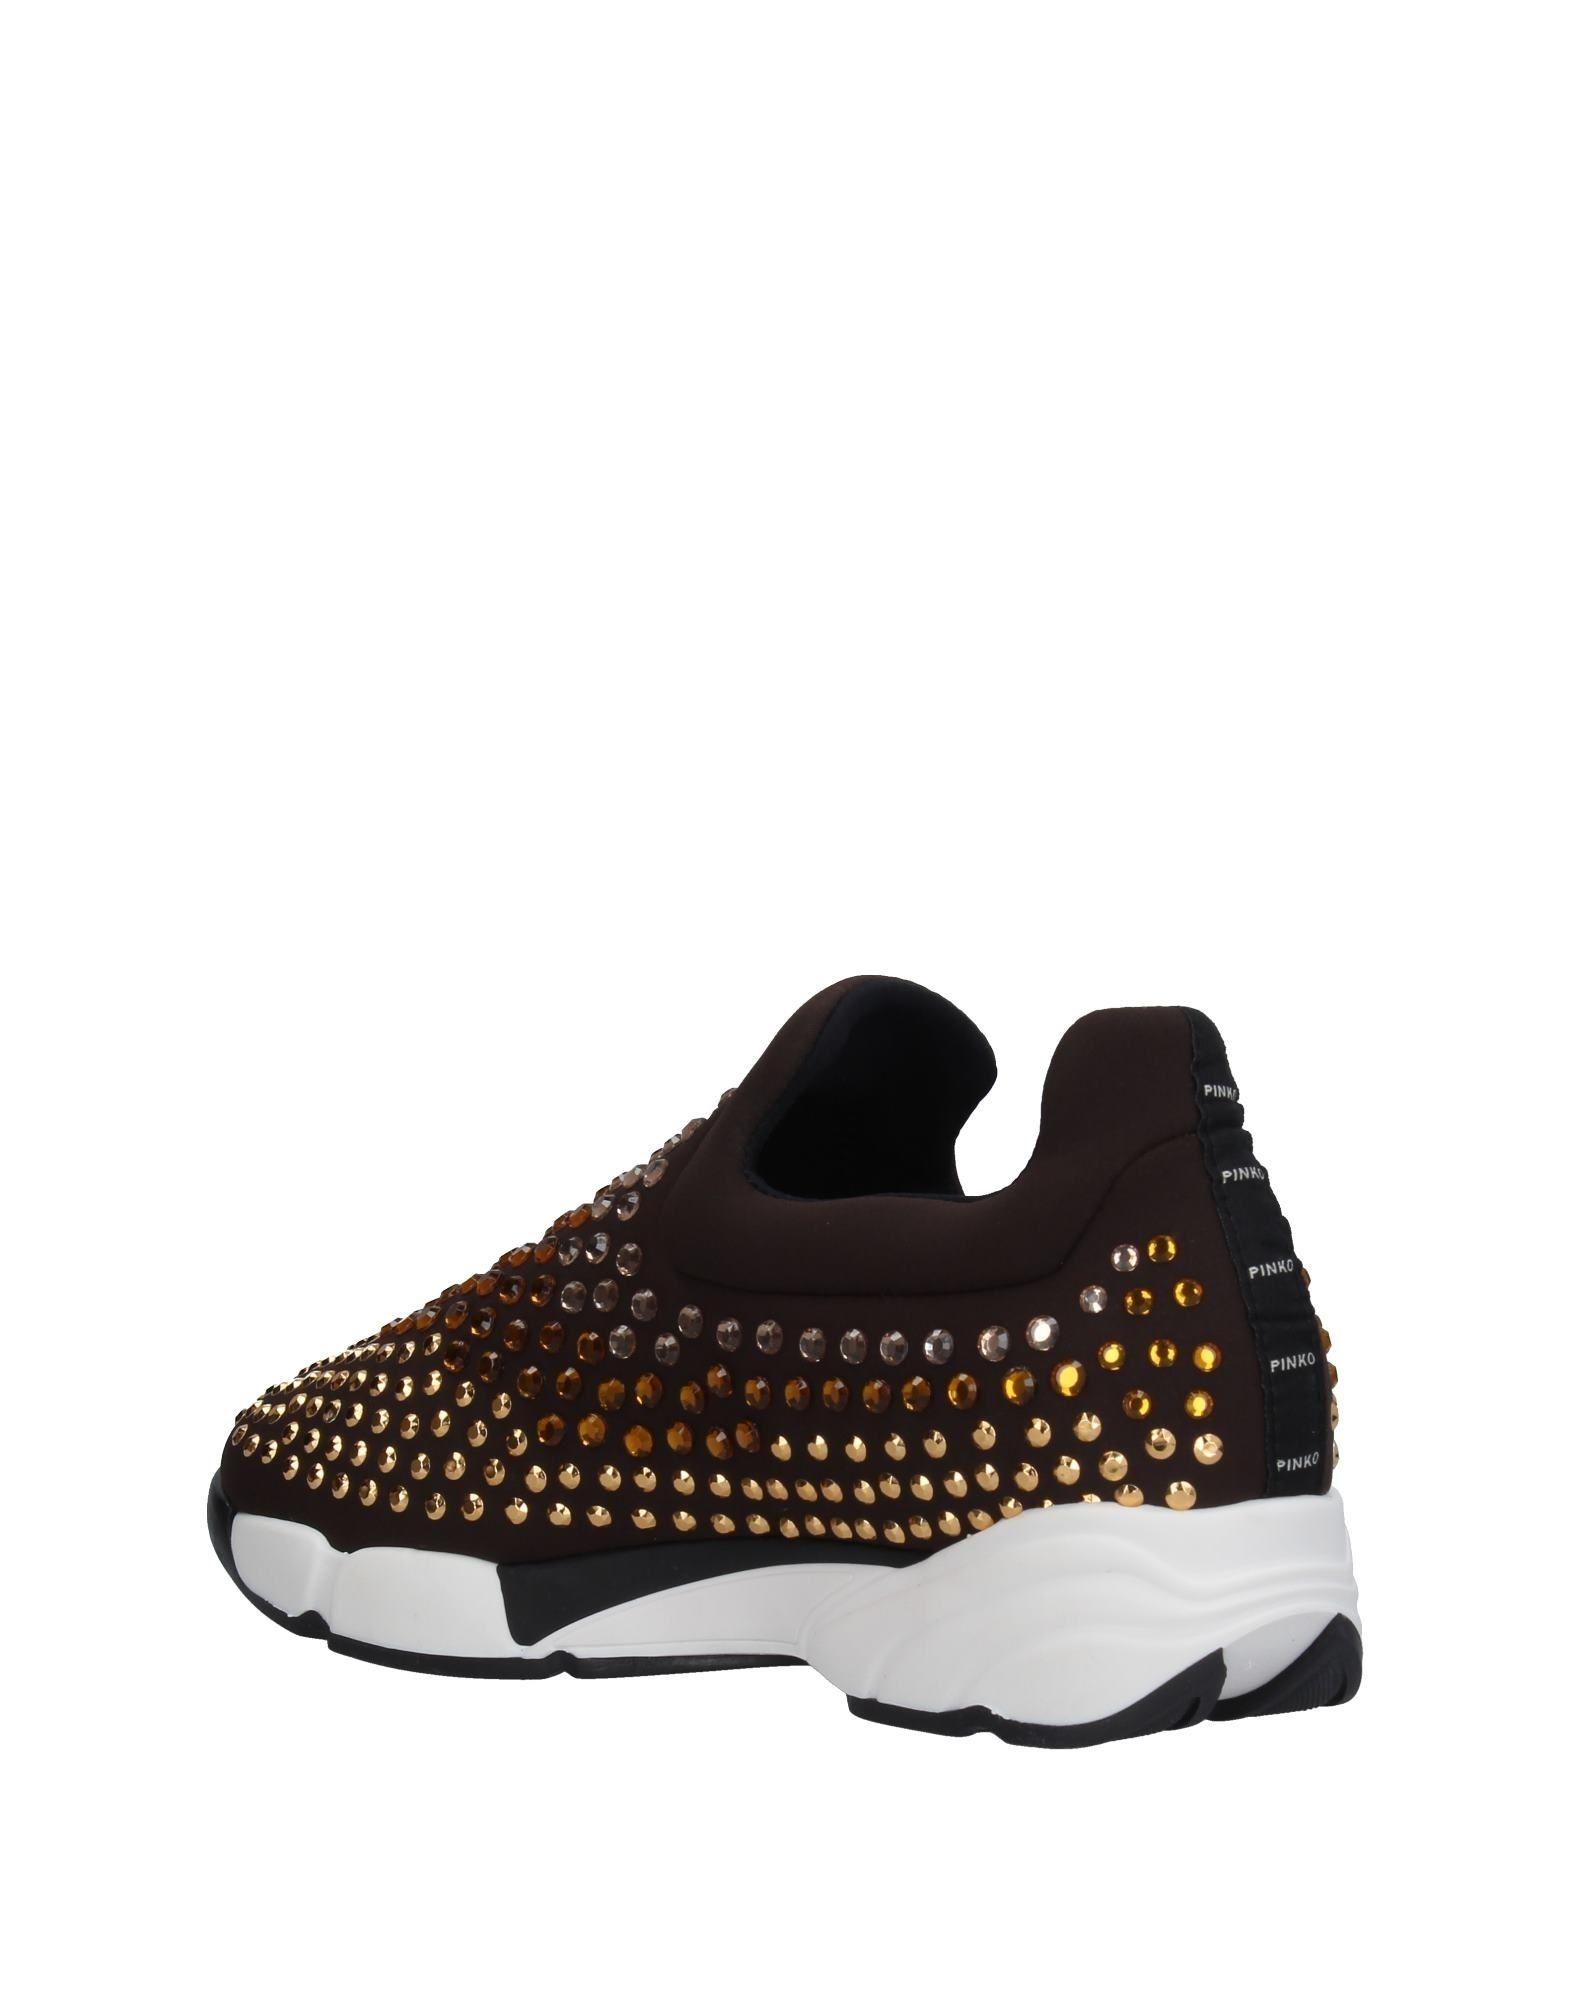 Stilvolle Stilvolle Stilvolle billige Schuhe Pinko Sneakers Damen  11280515LP 485197